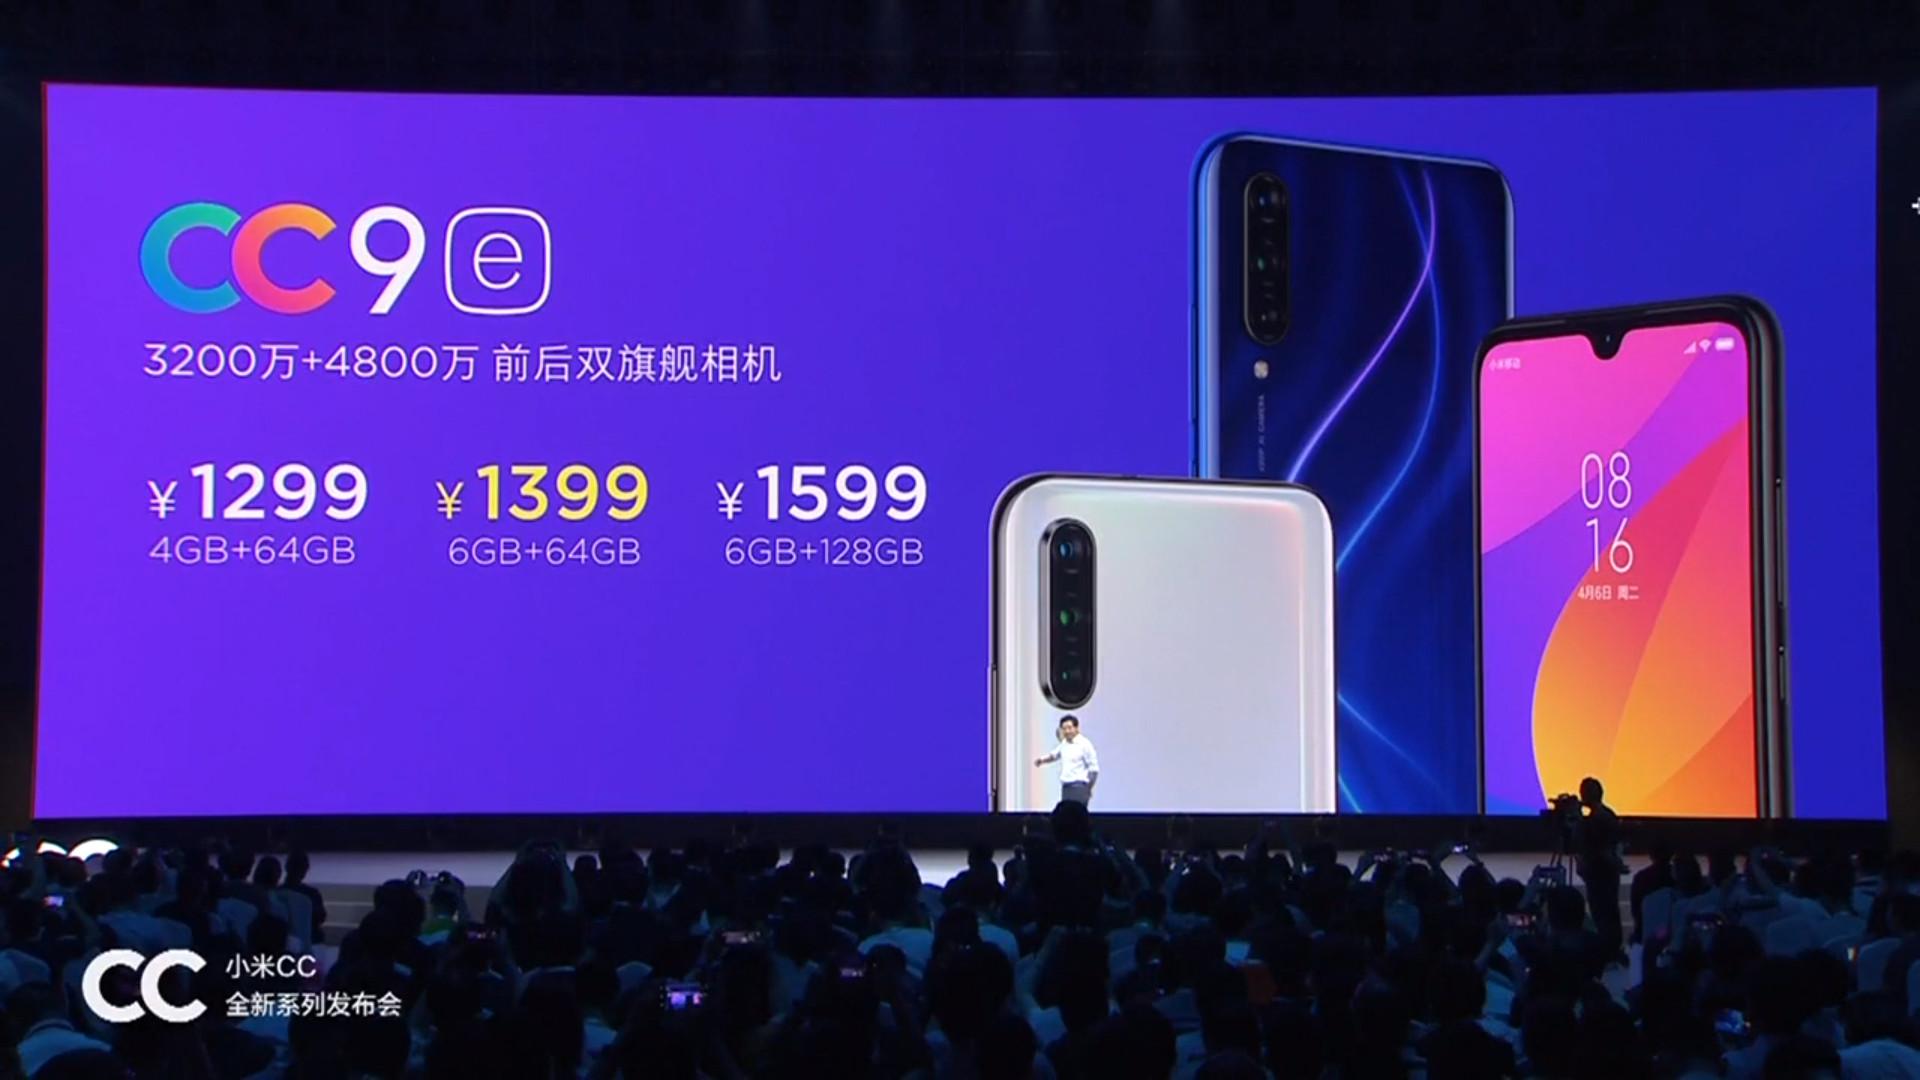 The Xiaomi Mi CC 9e.